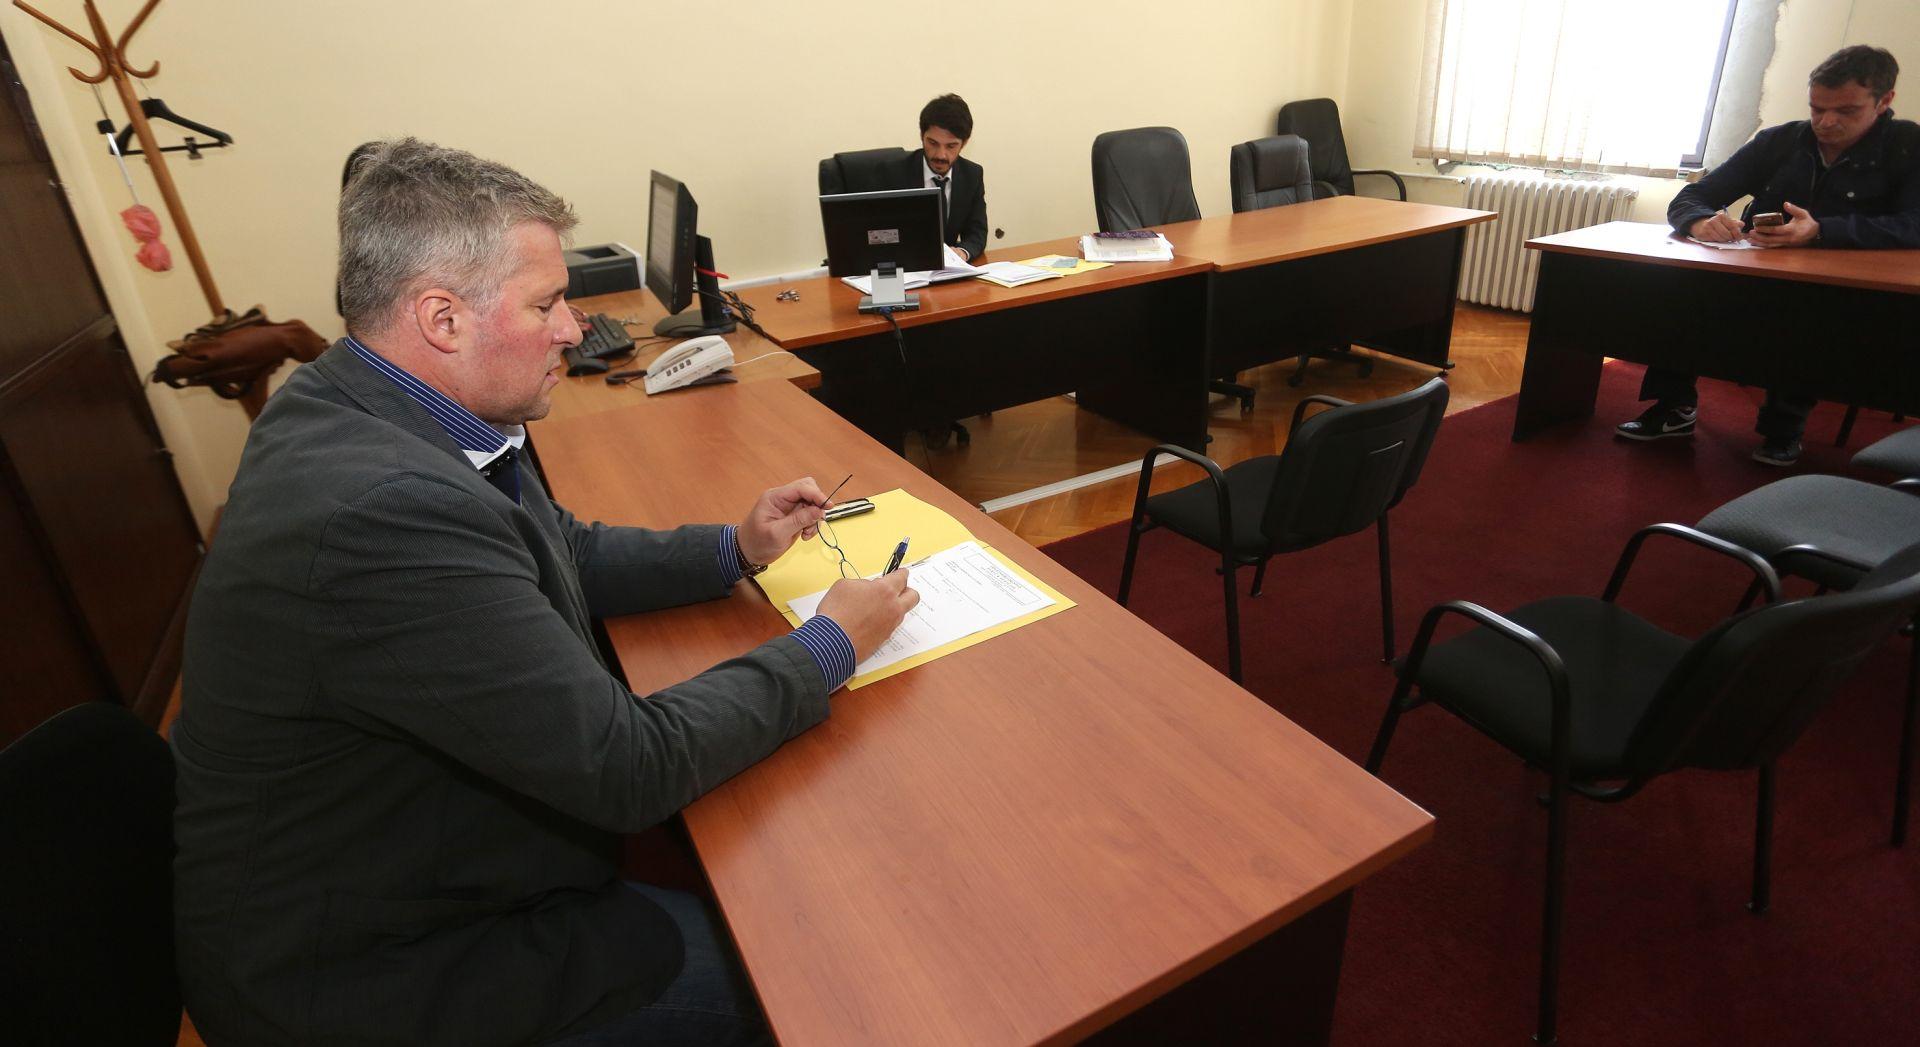 Odgođena rasprava u slučaju privatne tužbe Ranka Ostojića protiv Velimira Bujanca